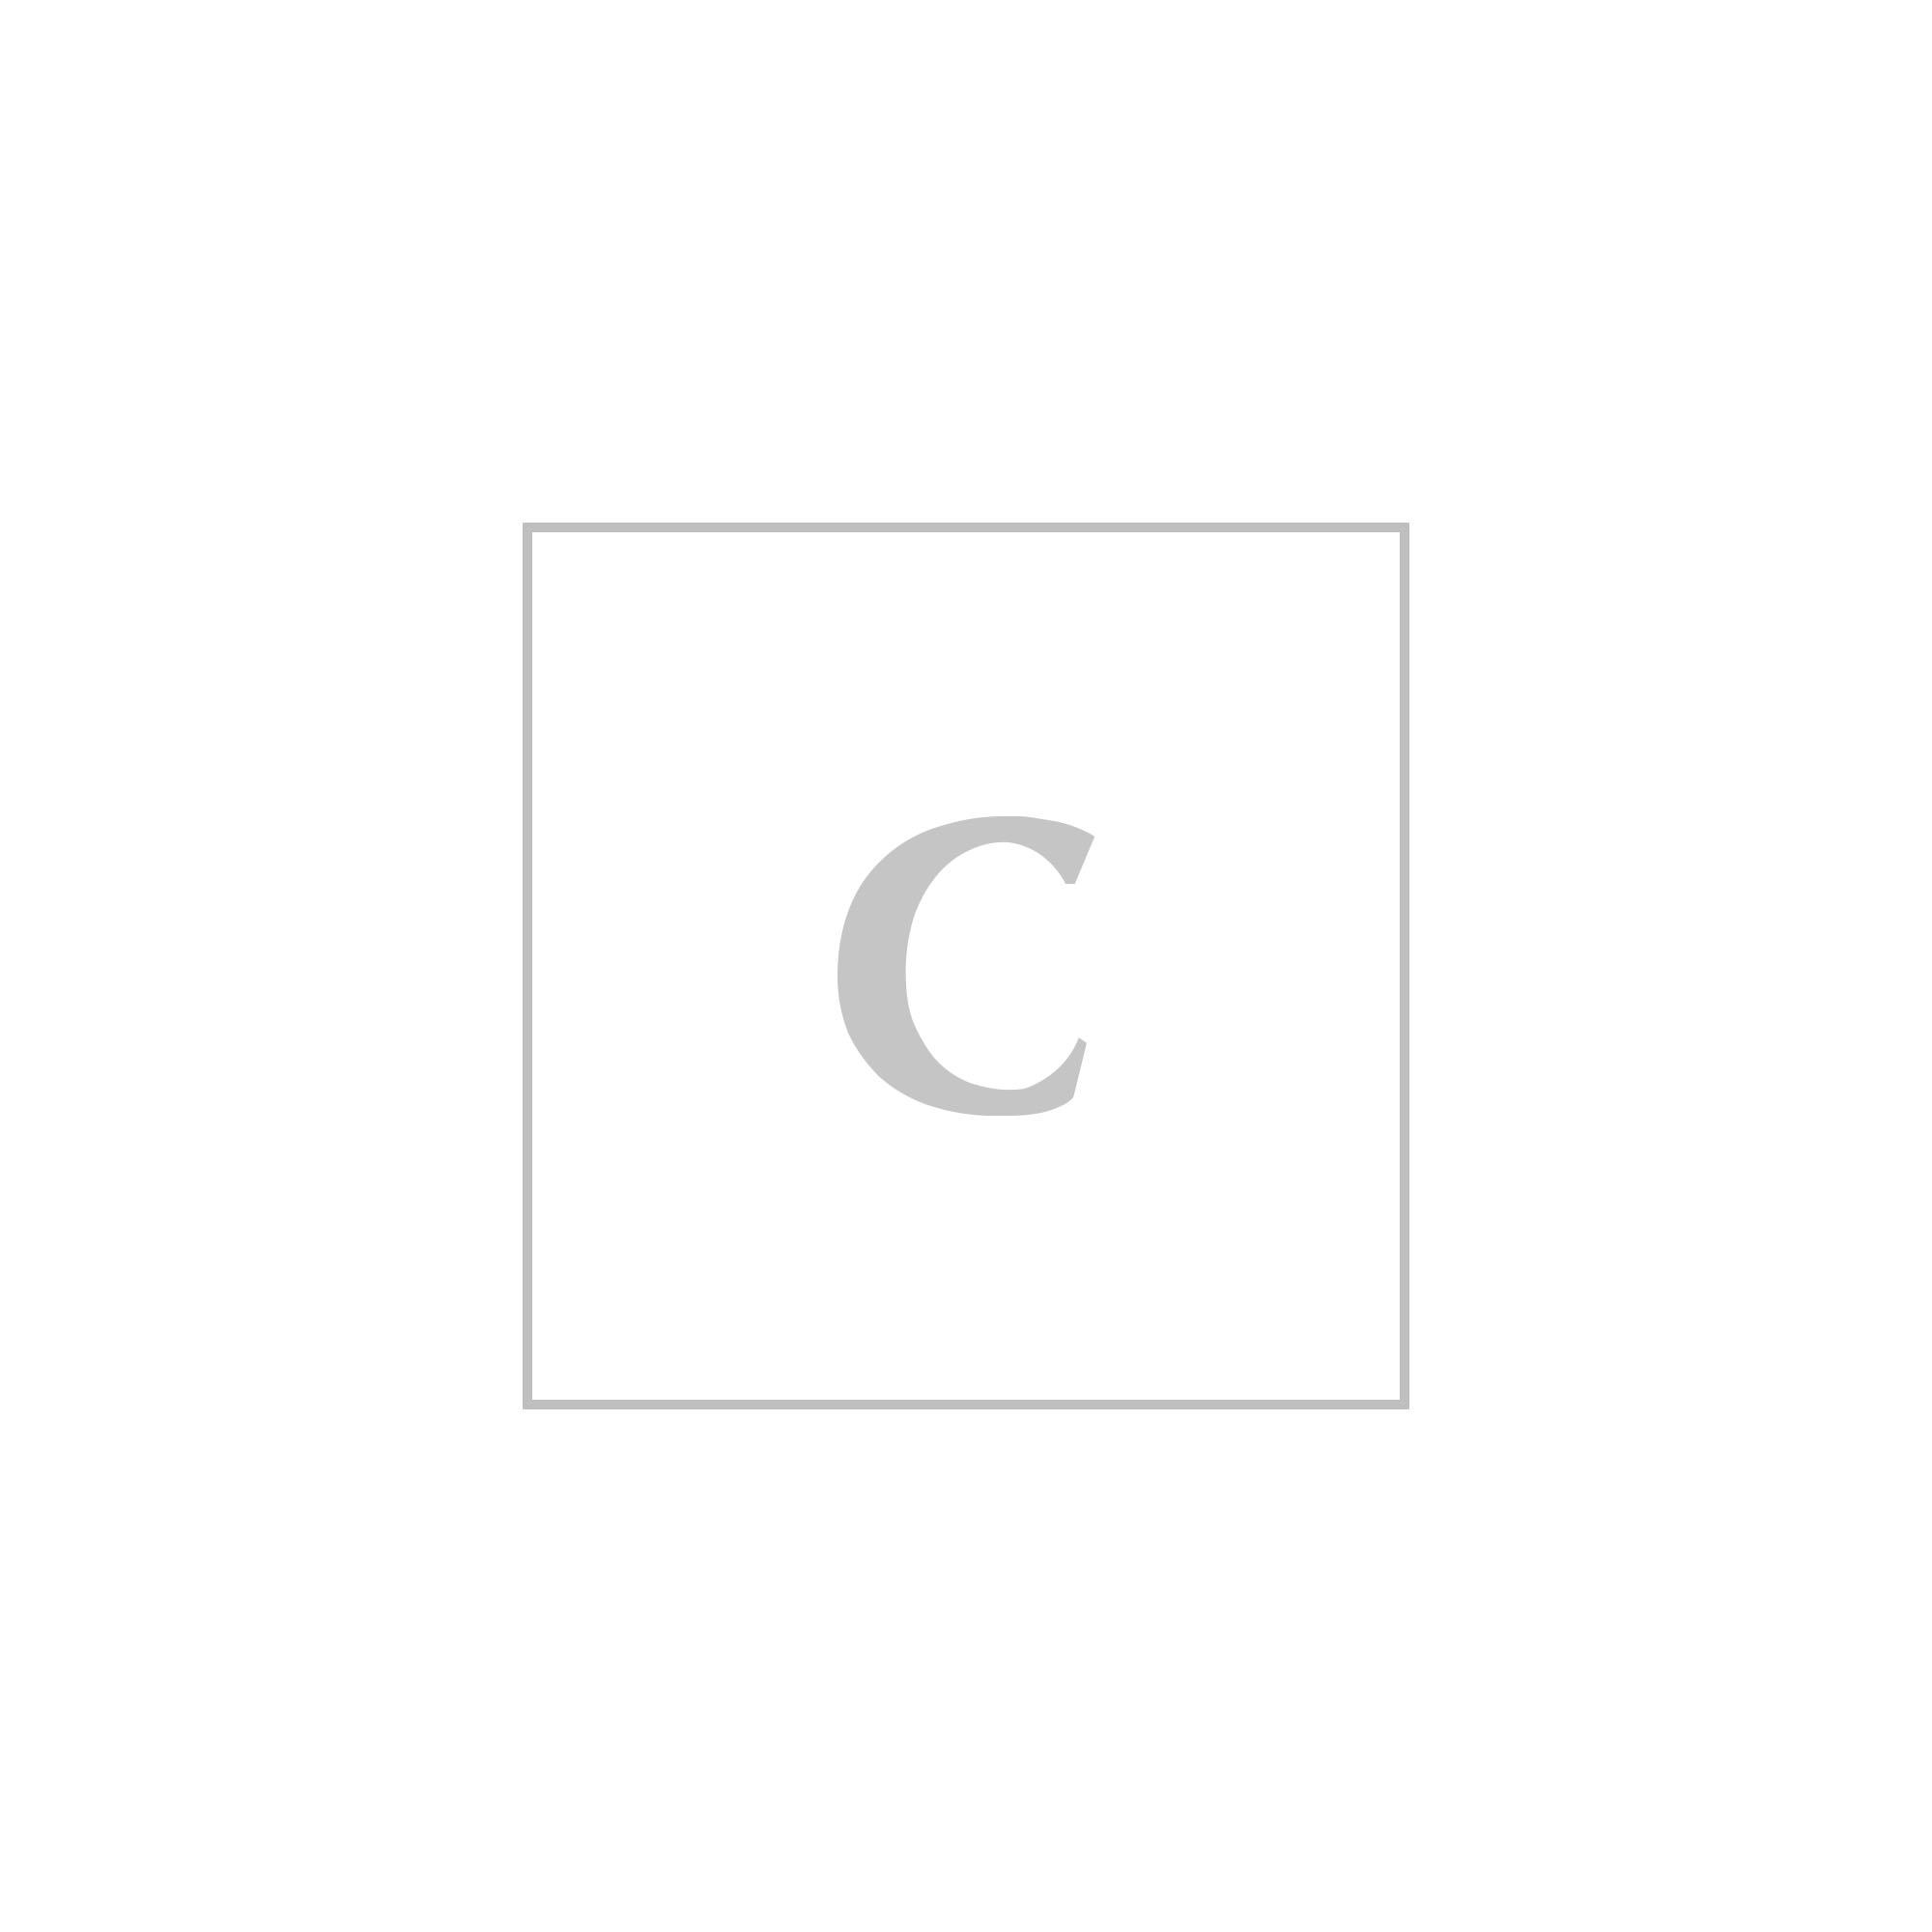 Saint laurent ysl small grain de poudre monogram bag